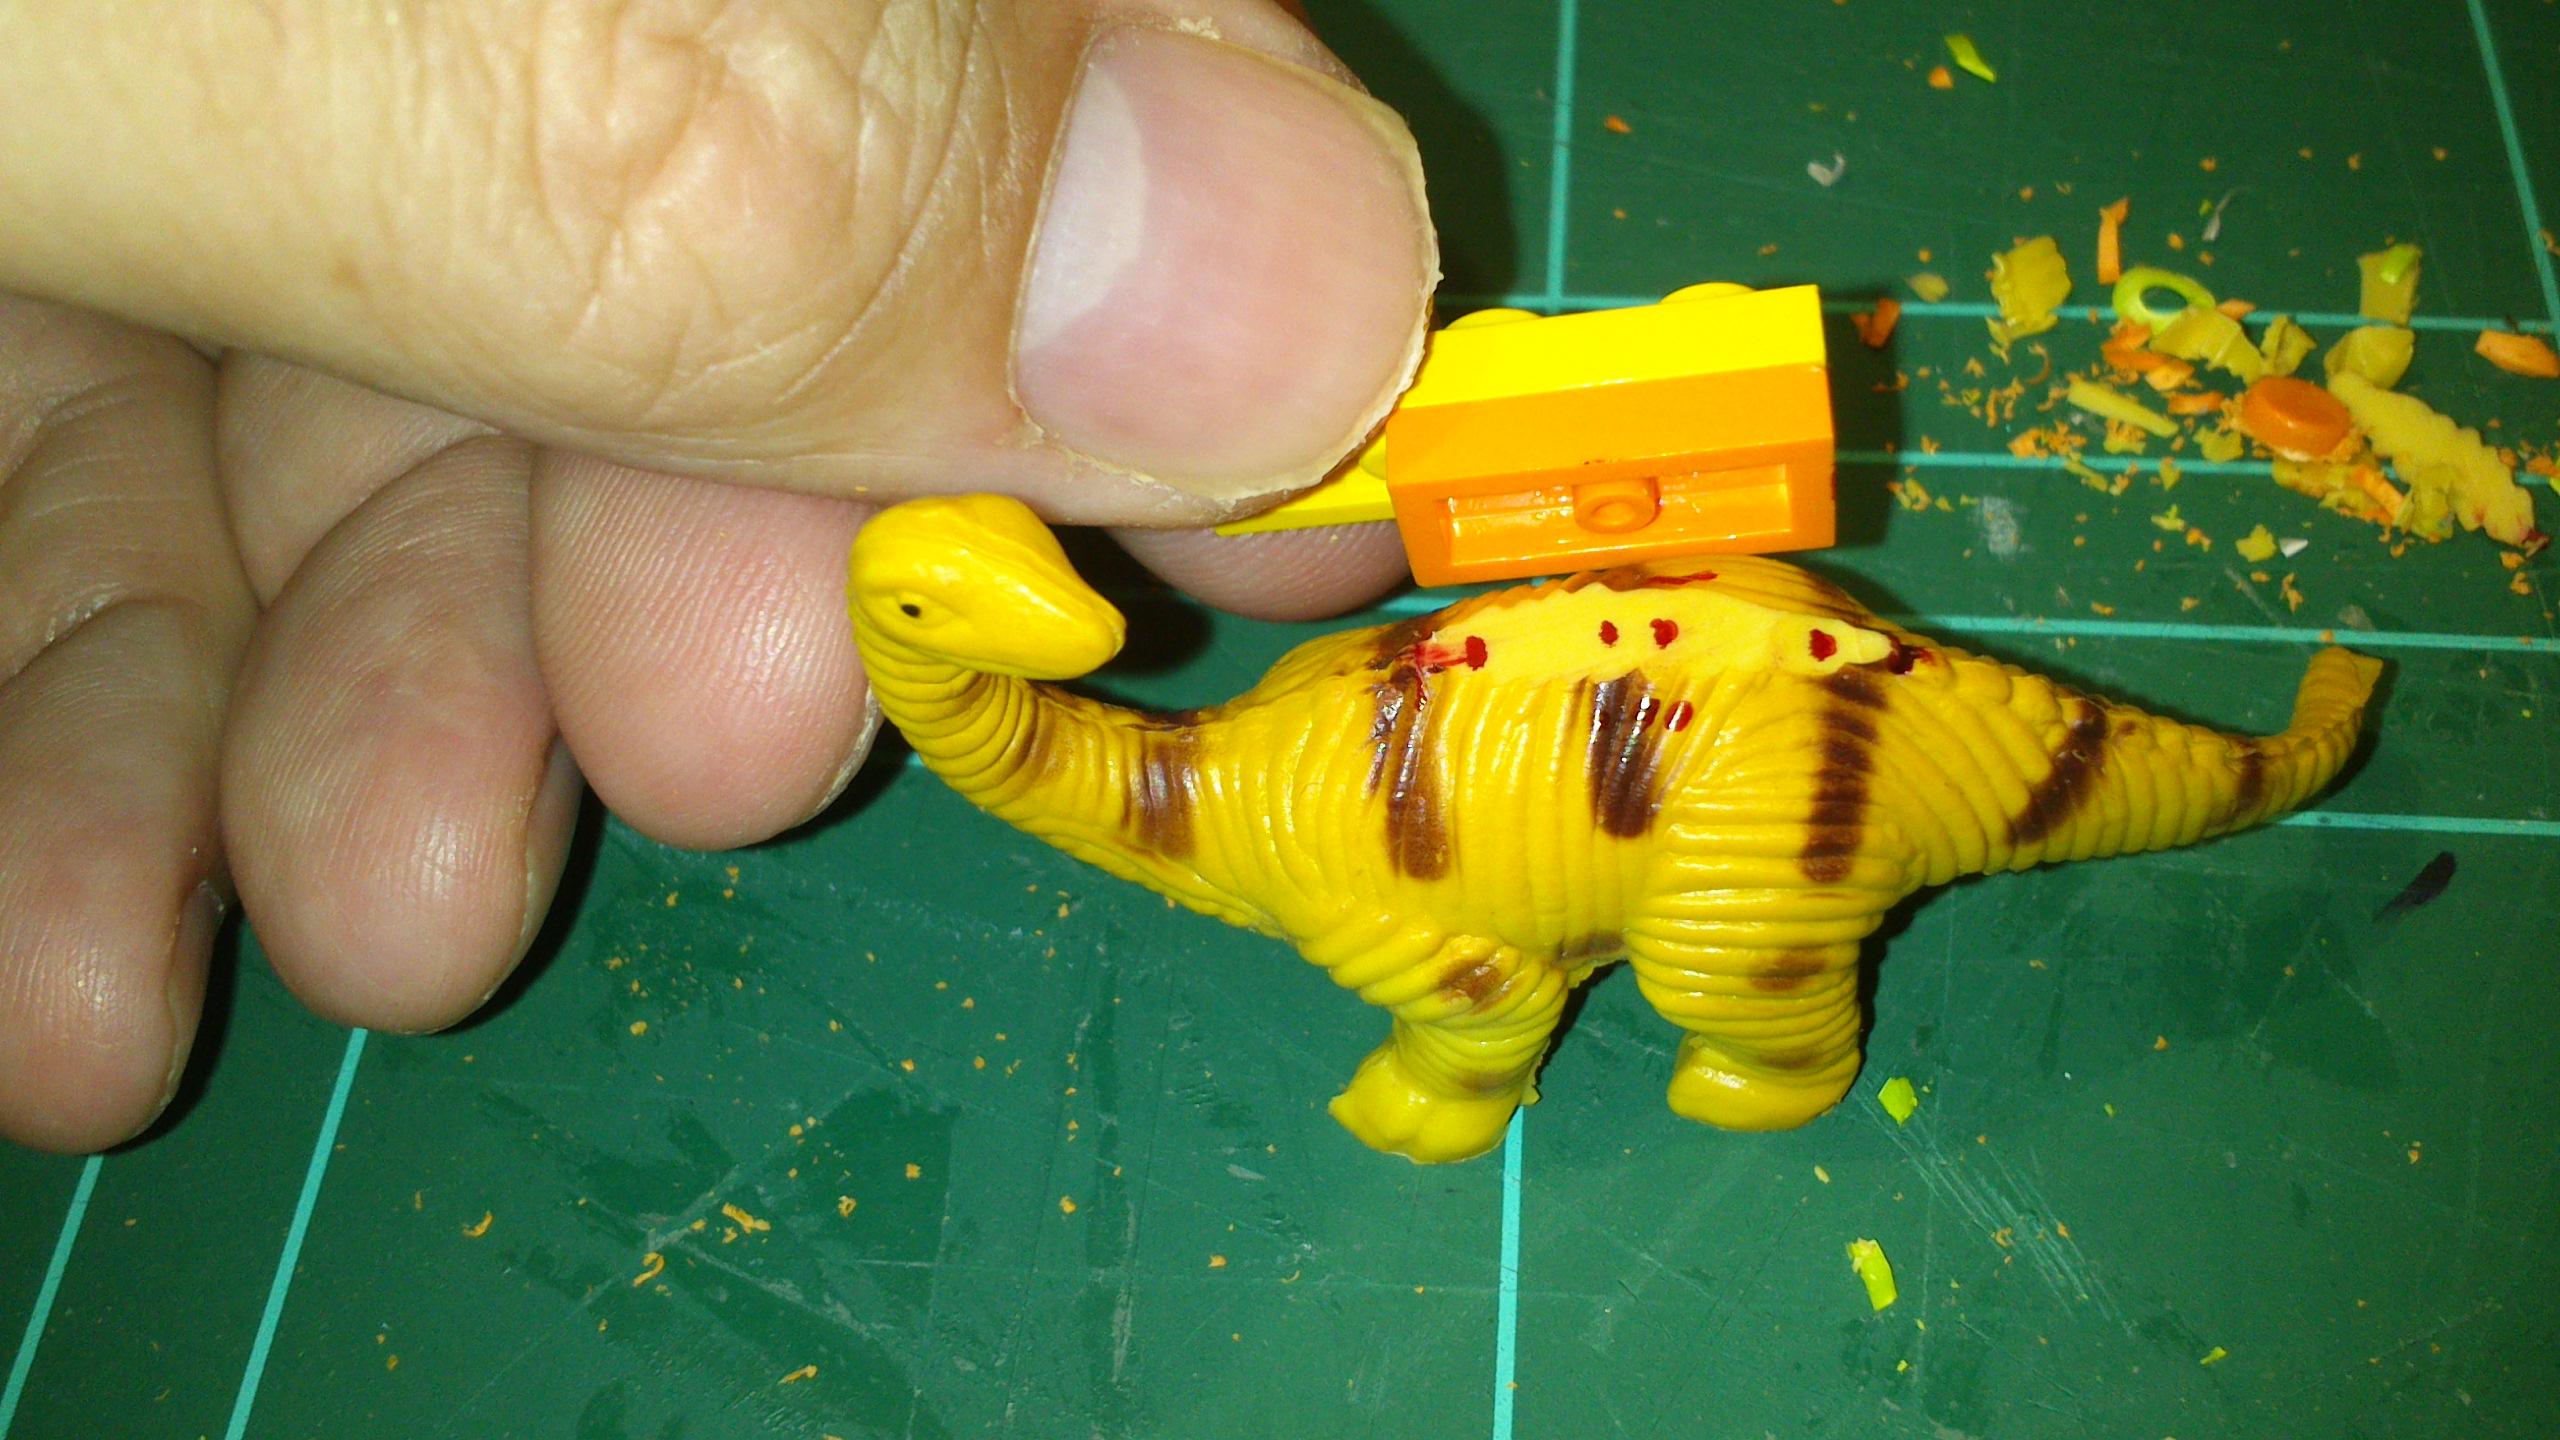 Picture of Legodocus, Kangaroolego, Alolego, Velocilego and L-Rex